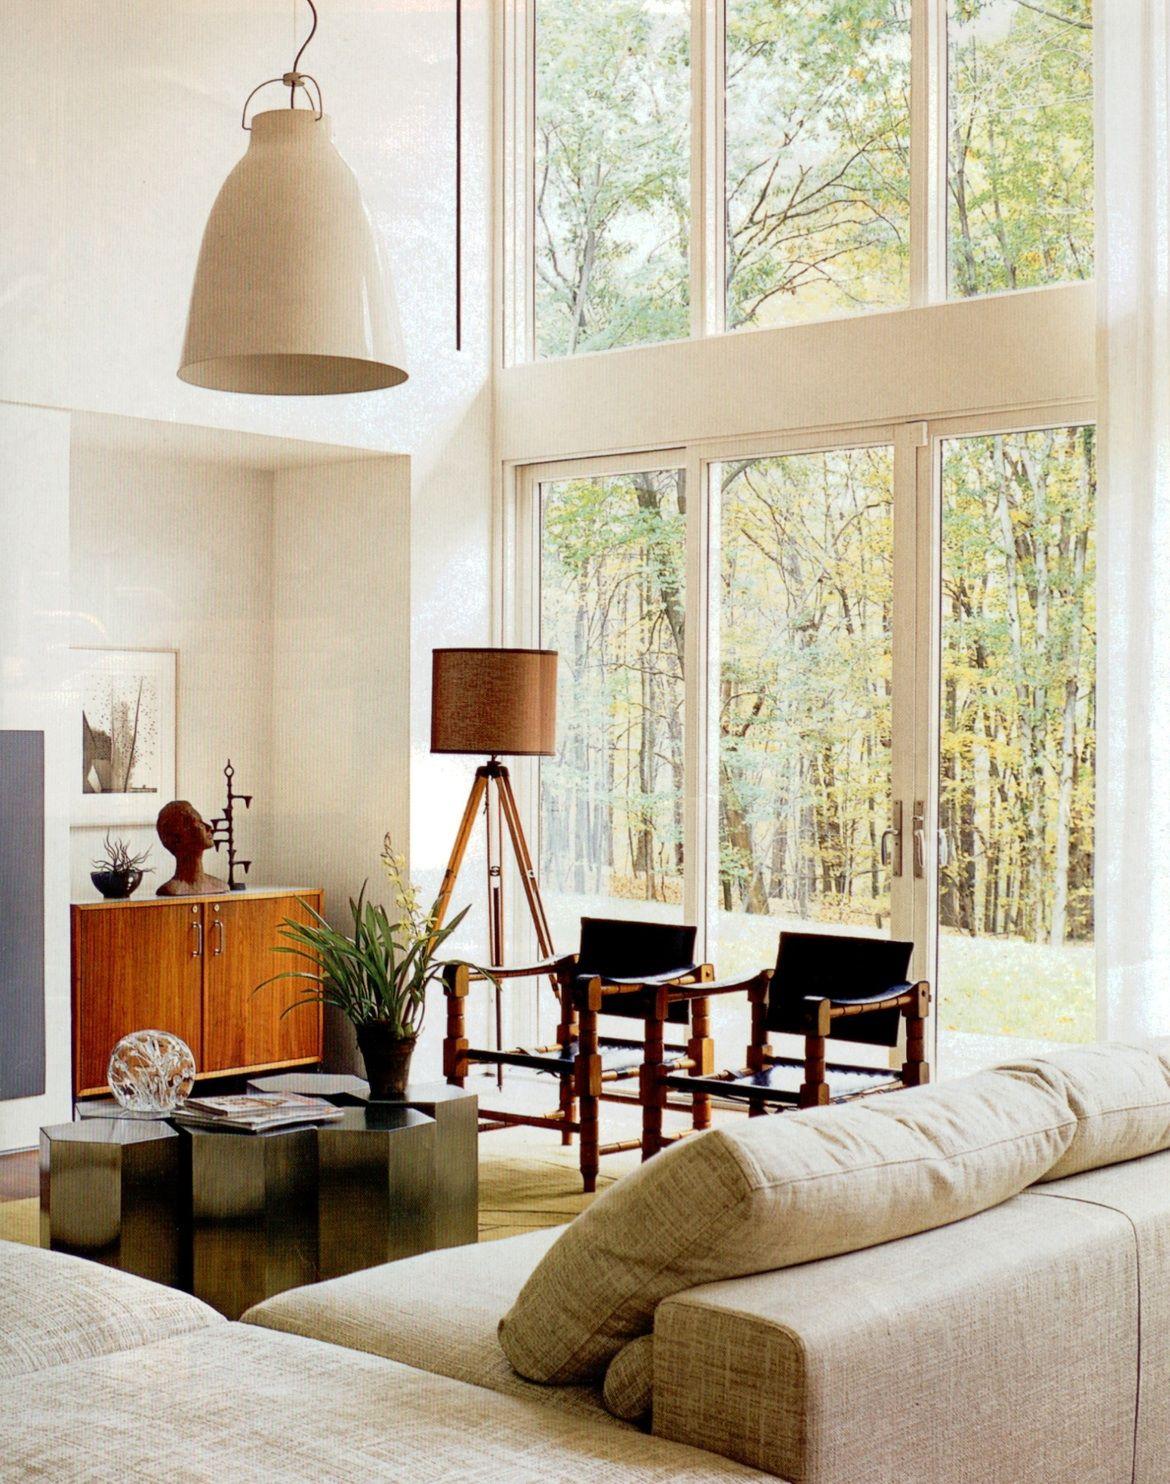 Modern Chic Living Room   Stunning Home Decor & Design   Pinterest ...